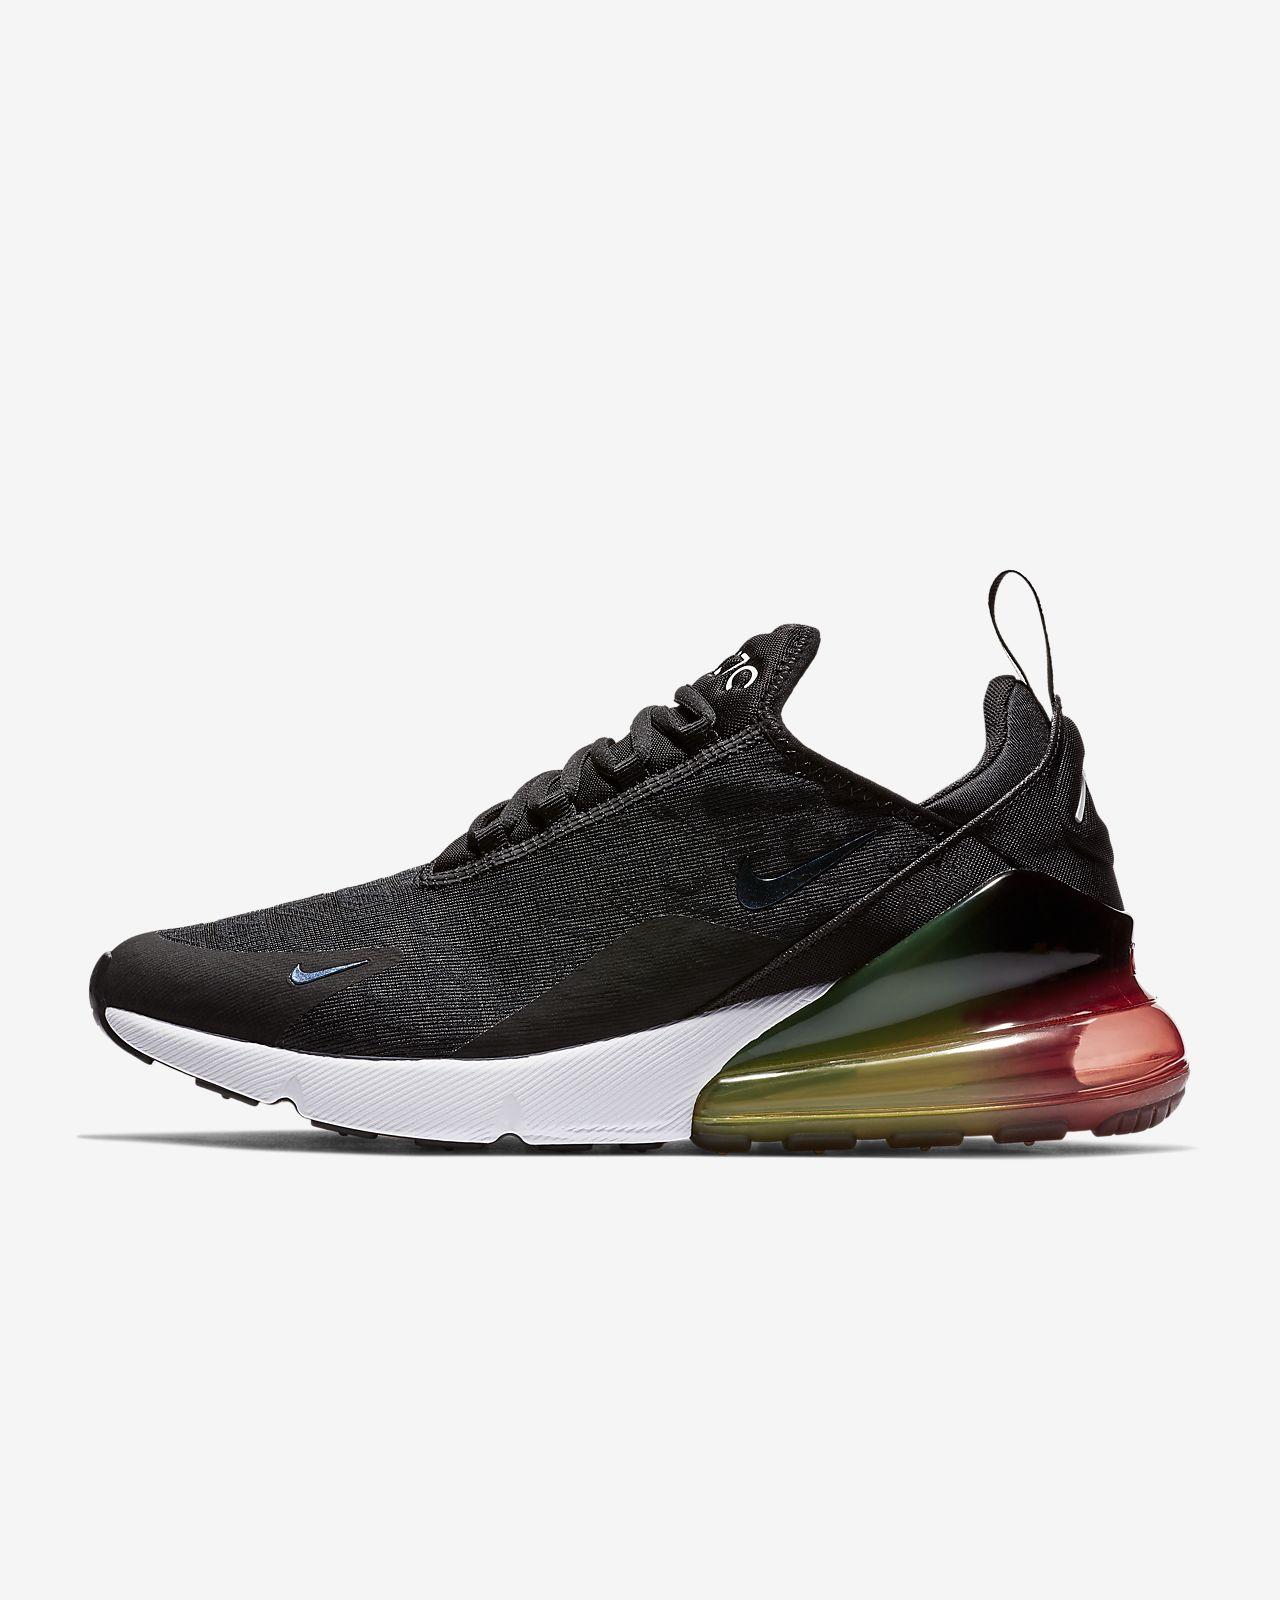 huge discount acd85 7c727 ... Sko Nike Air Max 270 SE för män